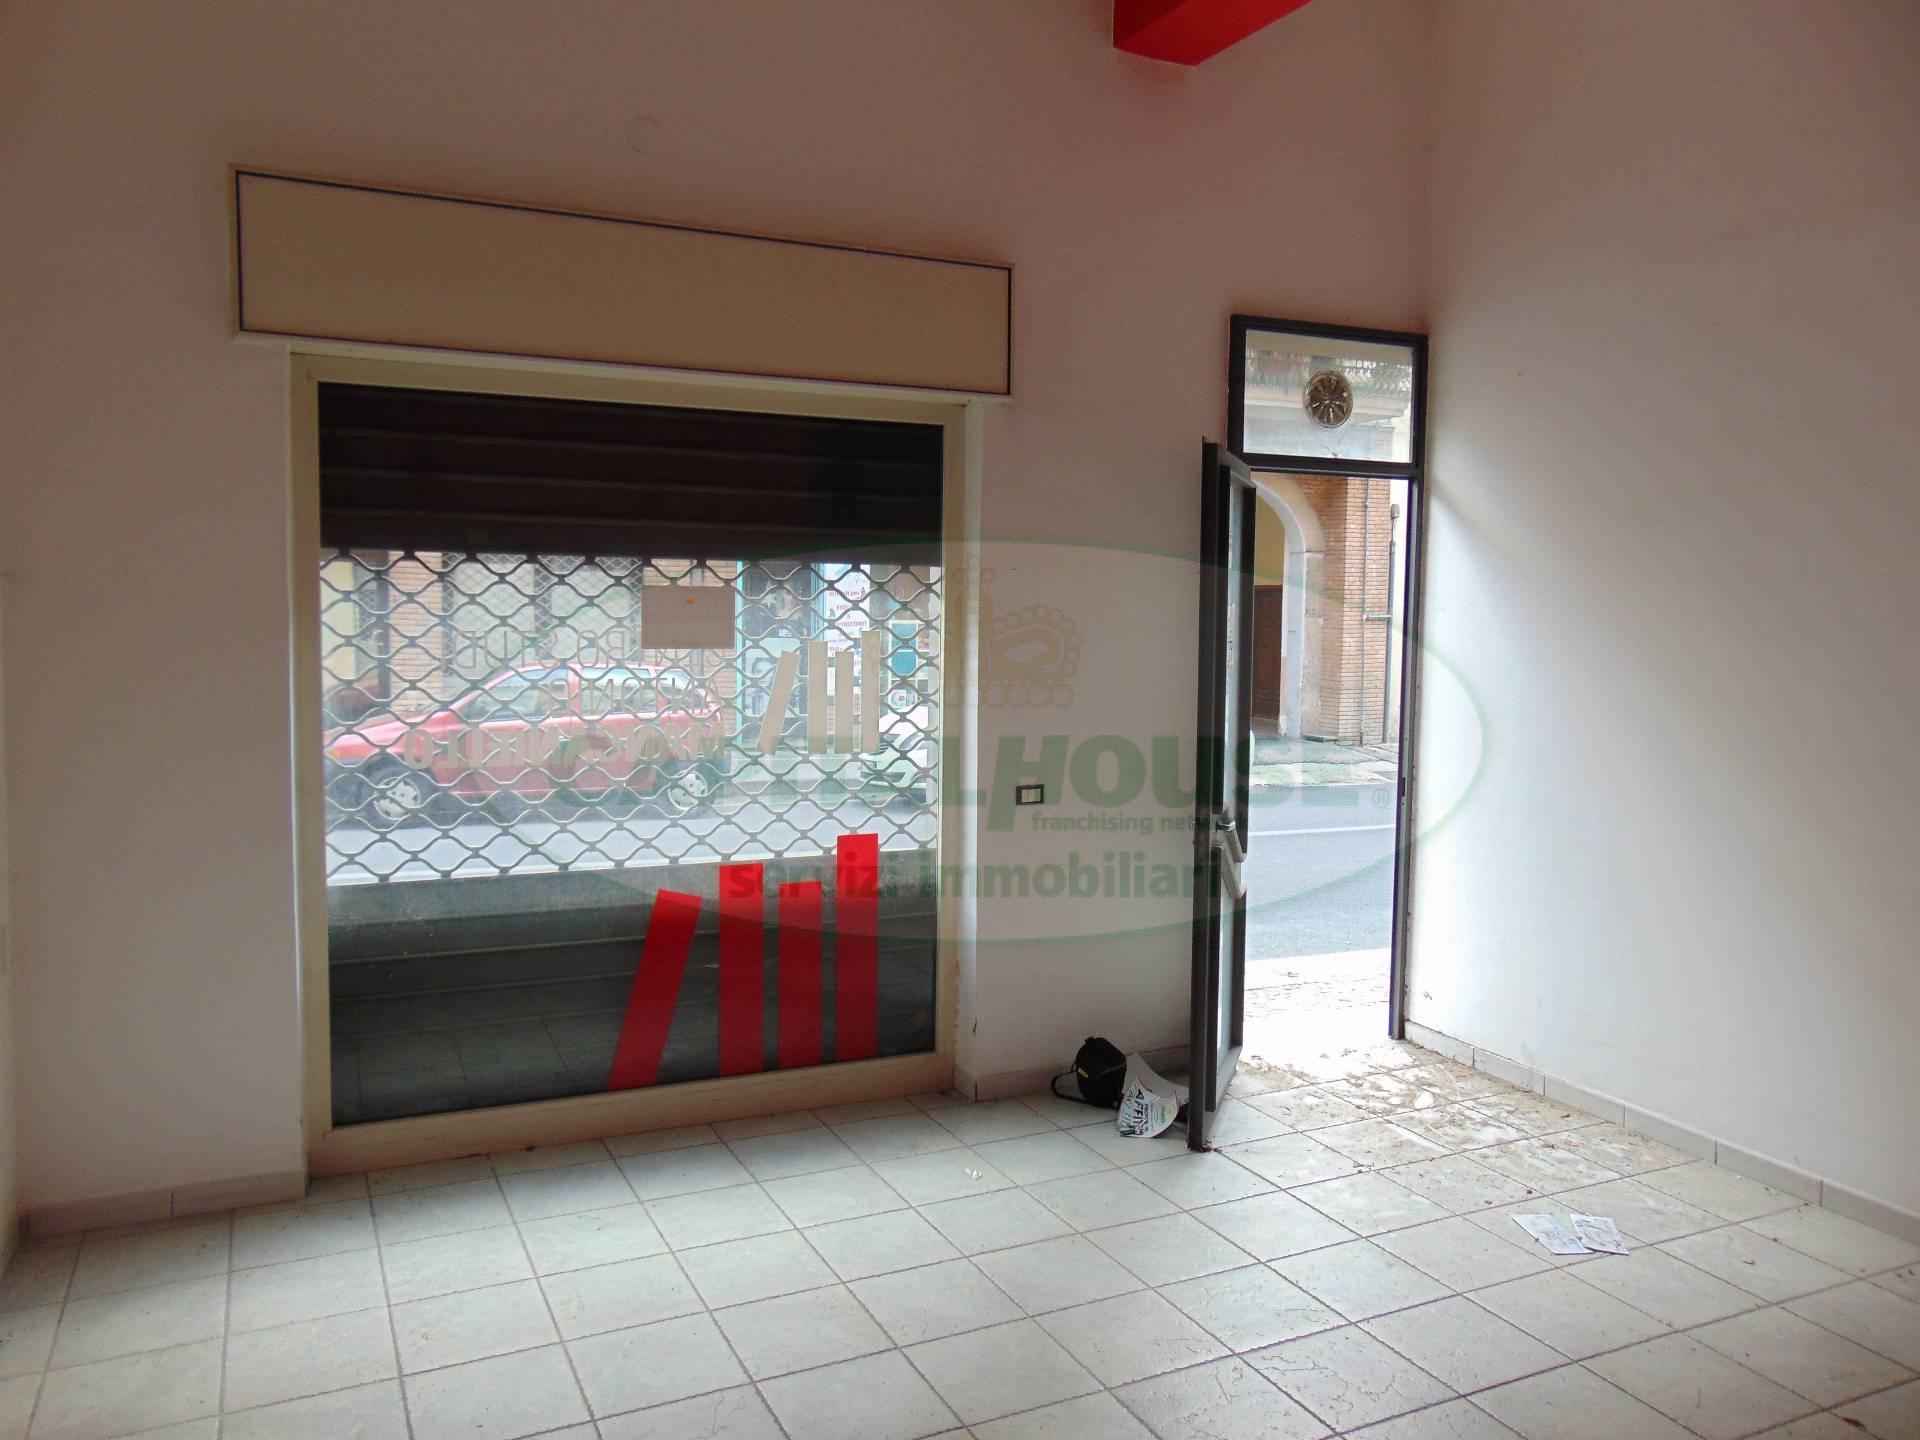 Negozio / Locale in affitto a Mugnano del Cardinale, 9999 locali, prezzo € 500 | CambioCasa.it